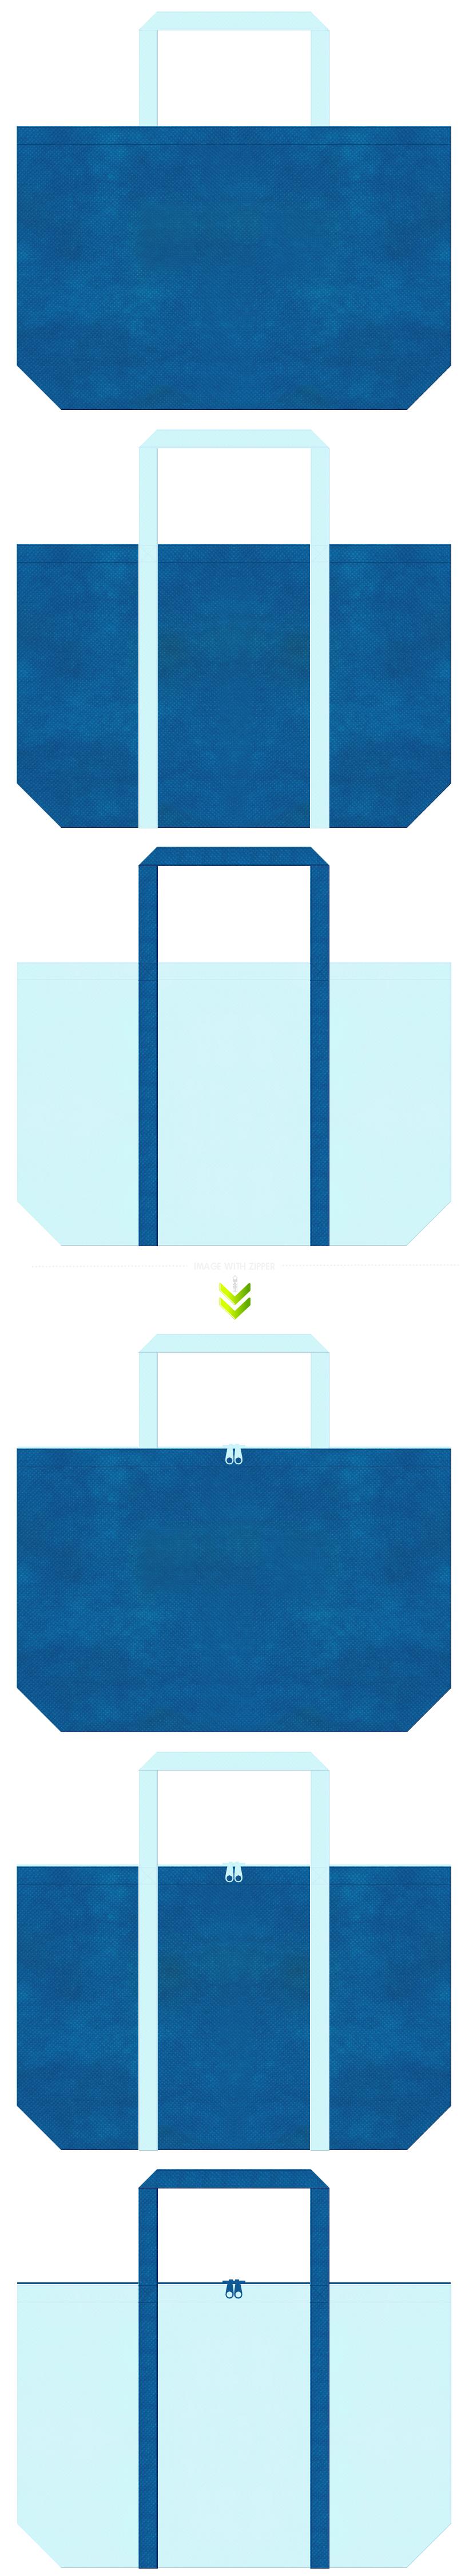 水族館・アクアリウム・水素・人工知能・水と環境・水資源・CO2削減・環境セミナー・環境イベント・ビーチ用品のショッピングバッグにお奨めの不織布バッグデザイン:青色と水色のコーデ